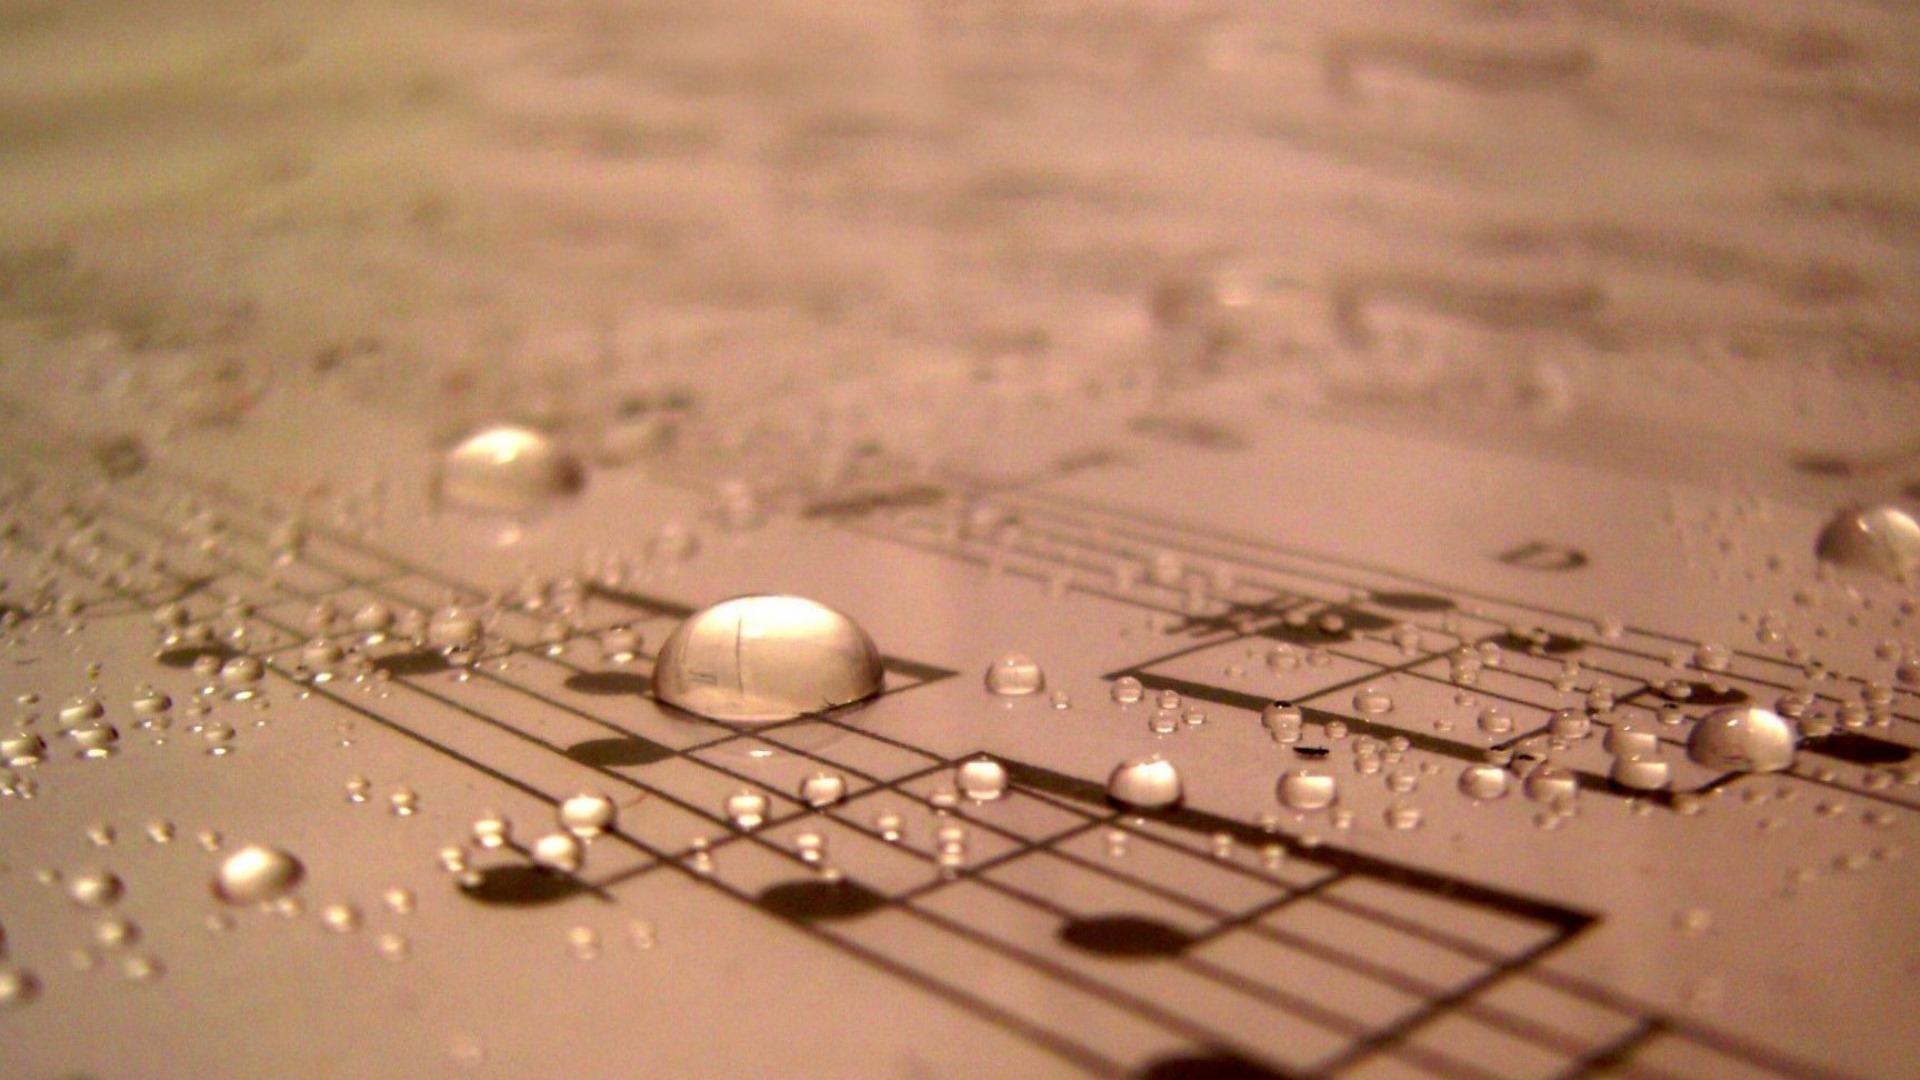 სი ბემოლ ვიტამინი - მუსიკა - ყოველწამიერი საზრდო